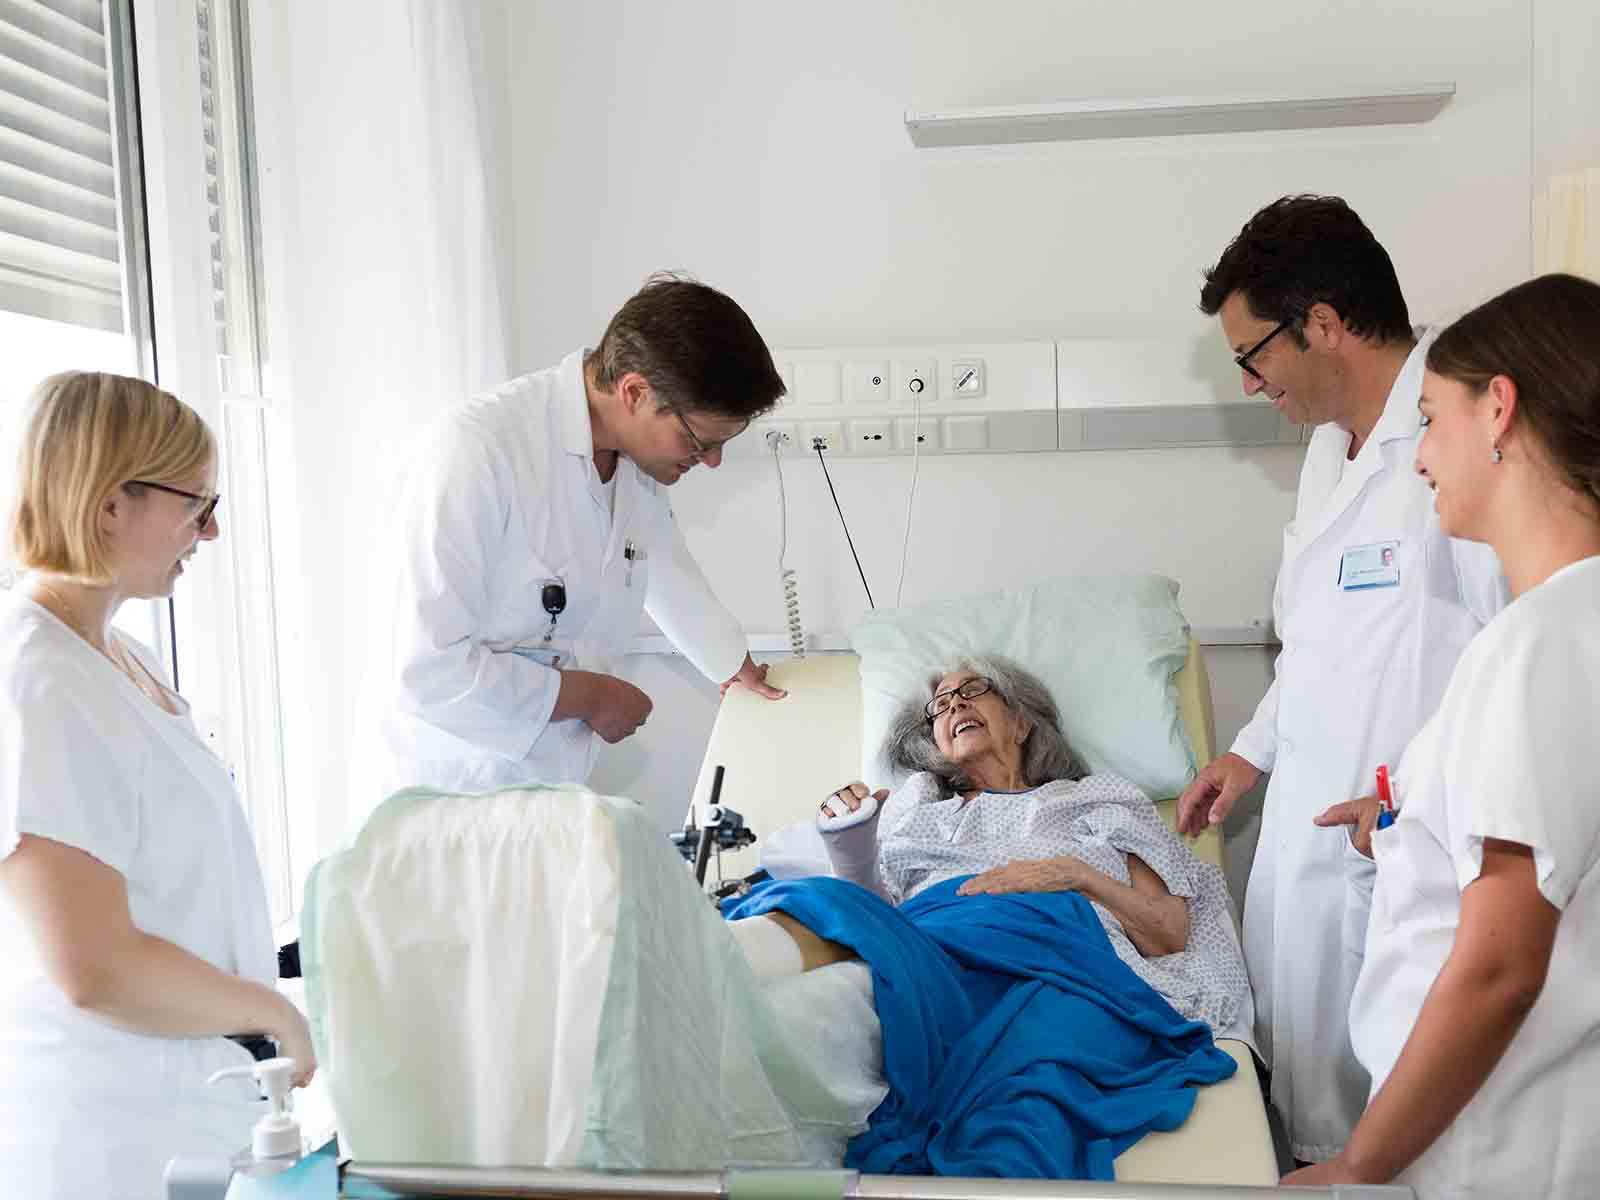 Alterstraumatologie ist Teamarbeit: Geriater Dr. Sacha Beck (2.v.l.) und Unfallchirurg Dr. Michael Dietrich zusammen mit Physiotherapeutin Rahel Arnold und Pflegefachfrau Sanja Moravac am Bett von Patientin Lisette Miéville.